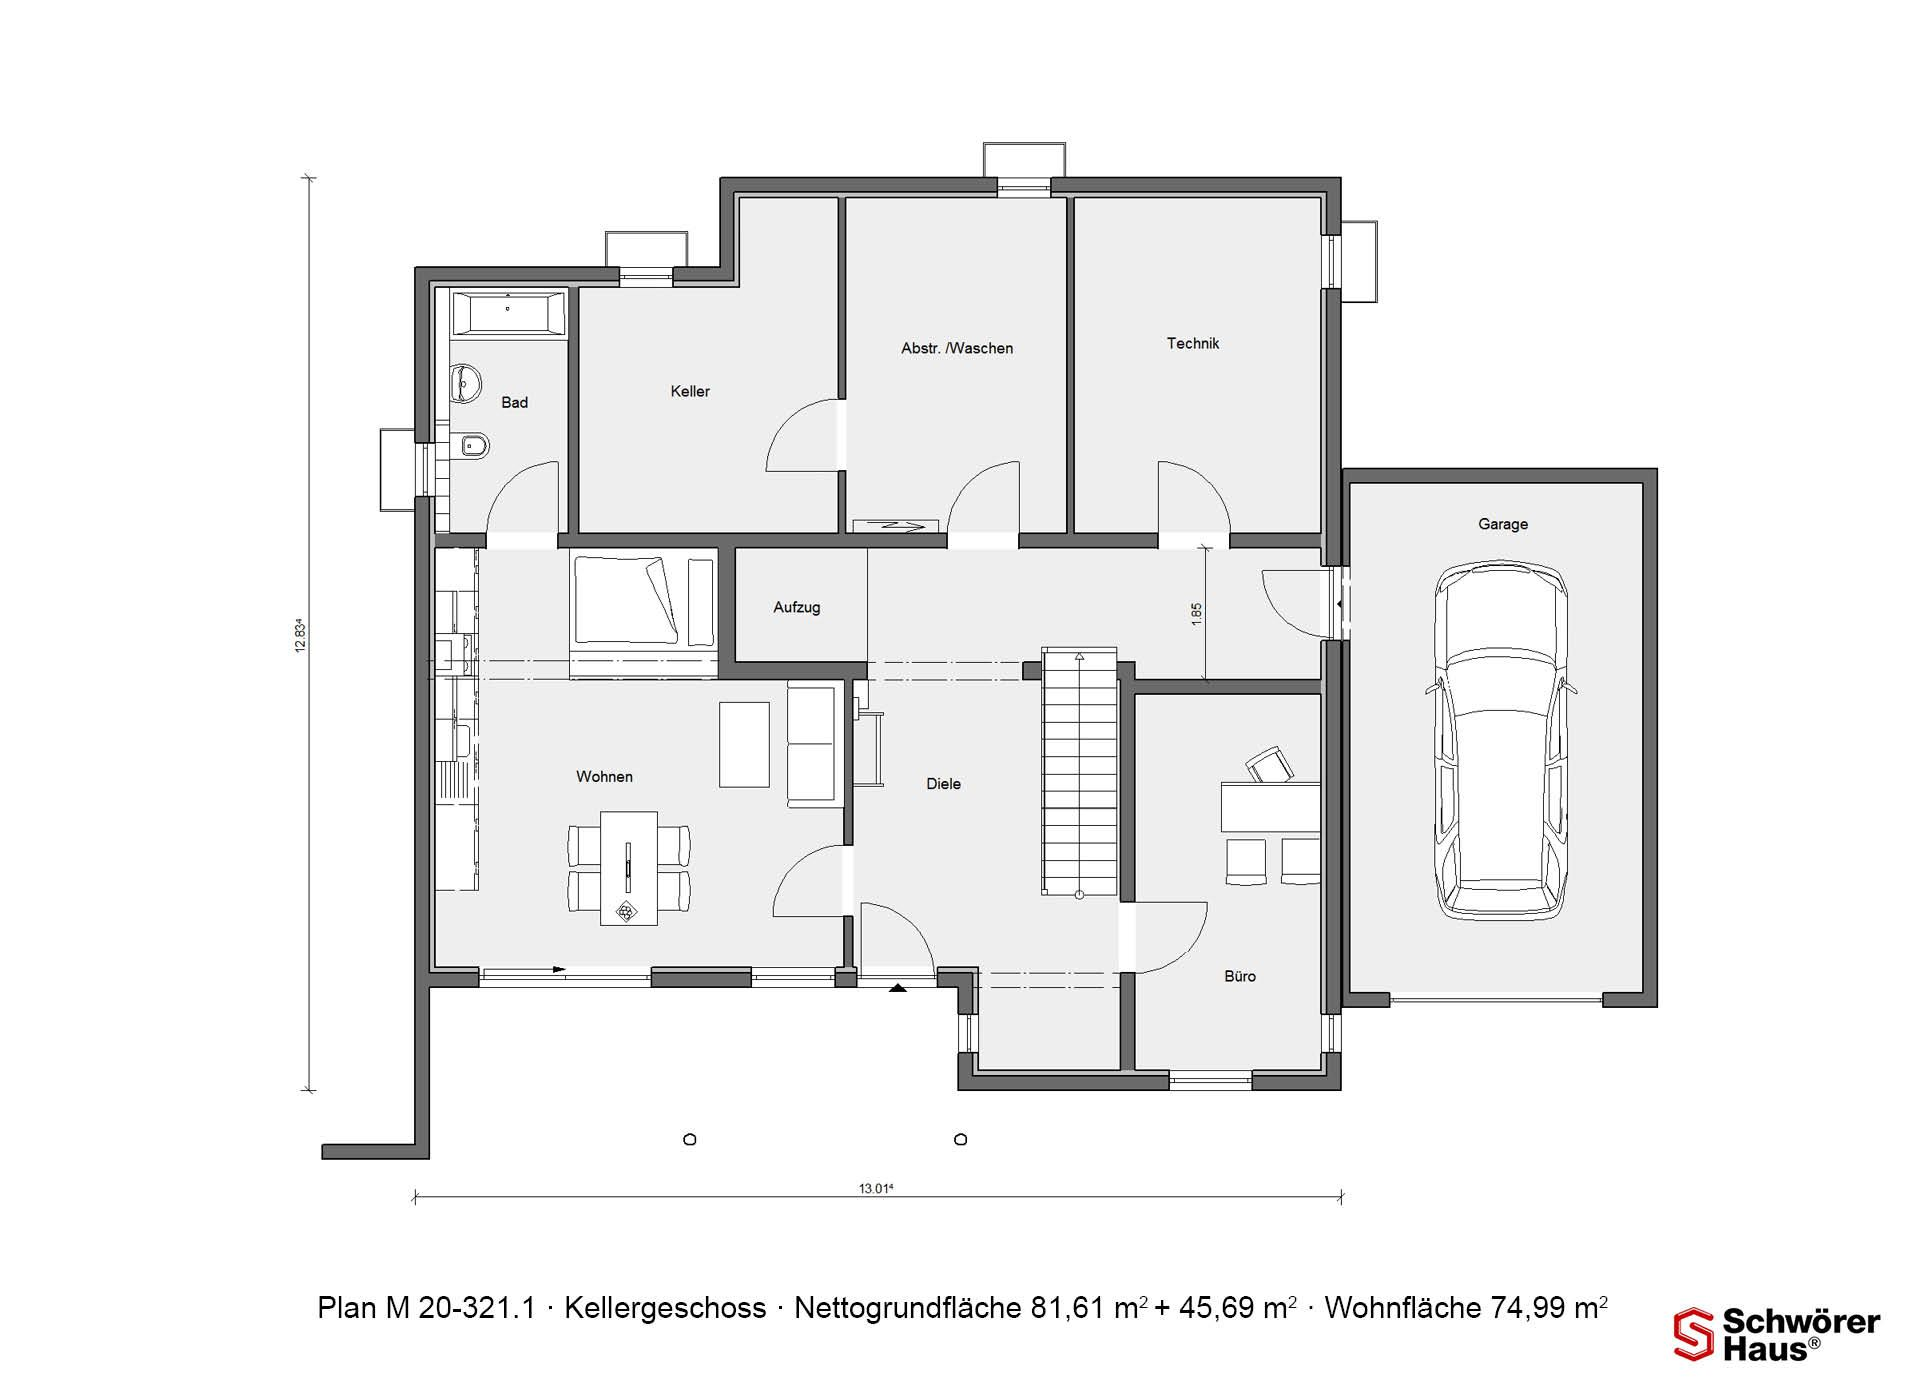 Grundriss Kellergeschoss M 20321.1 Fertighaus